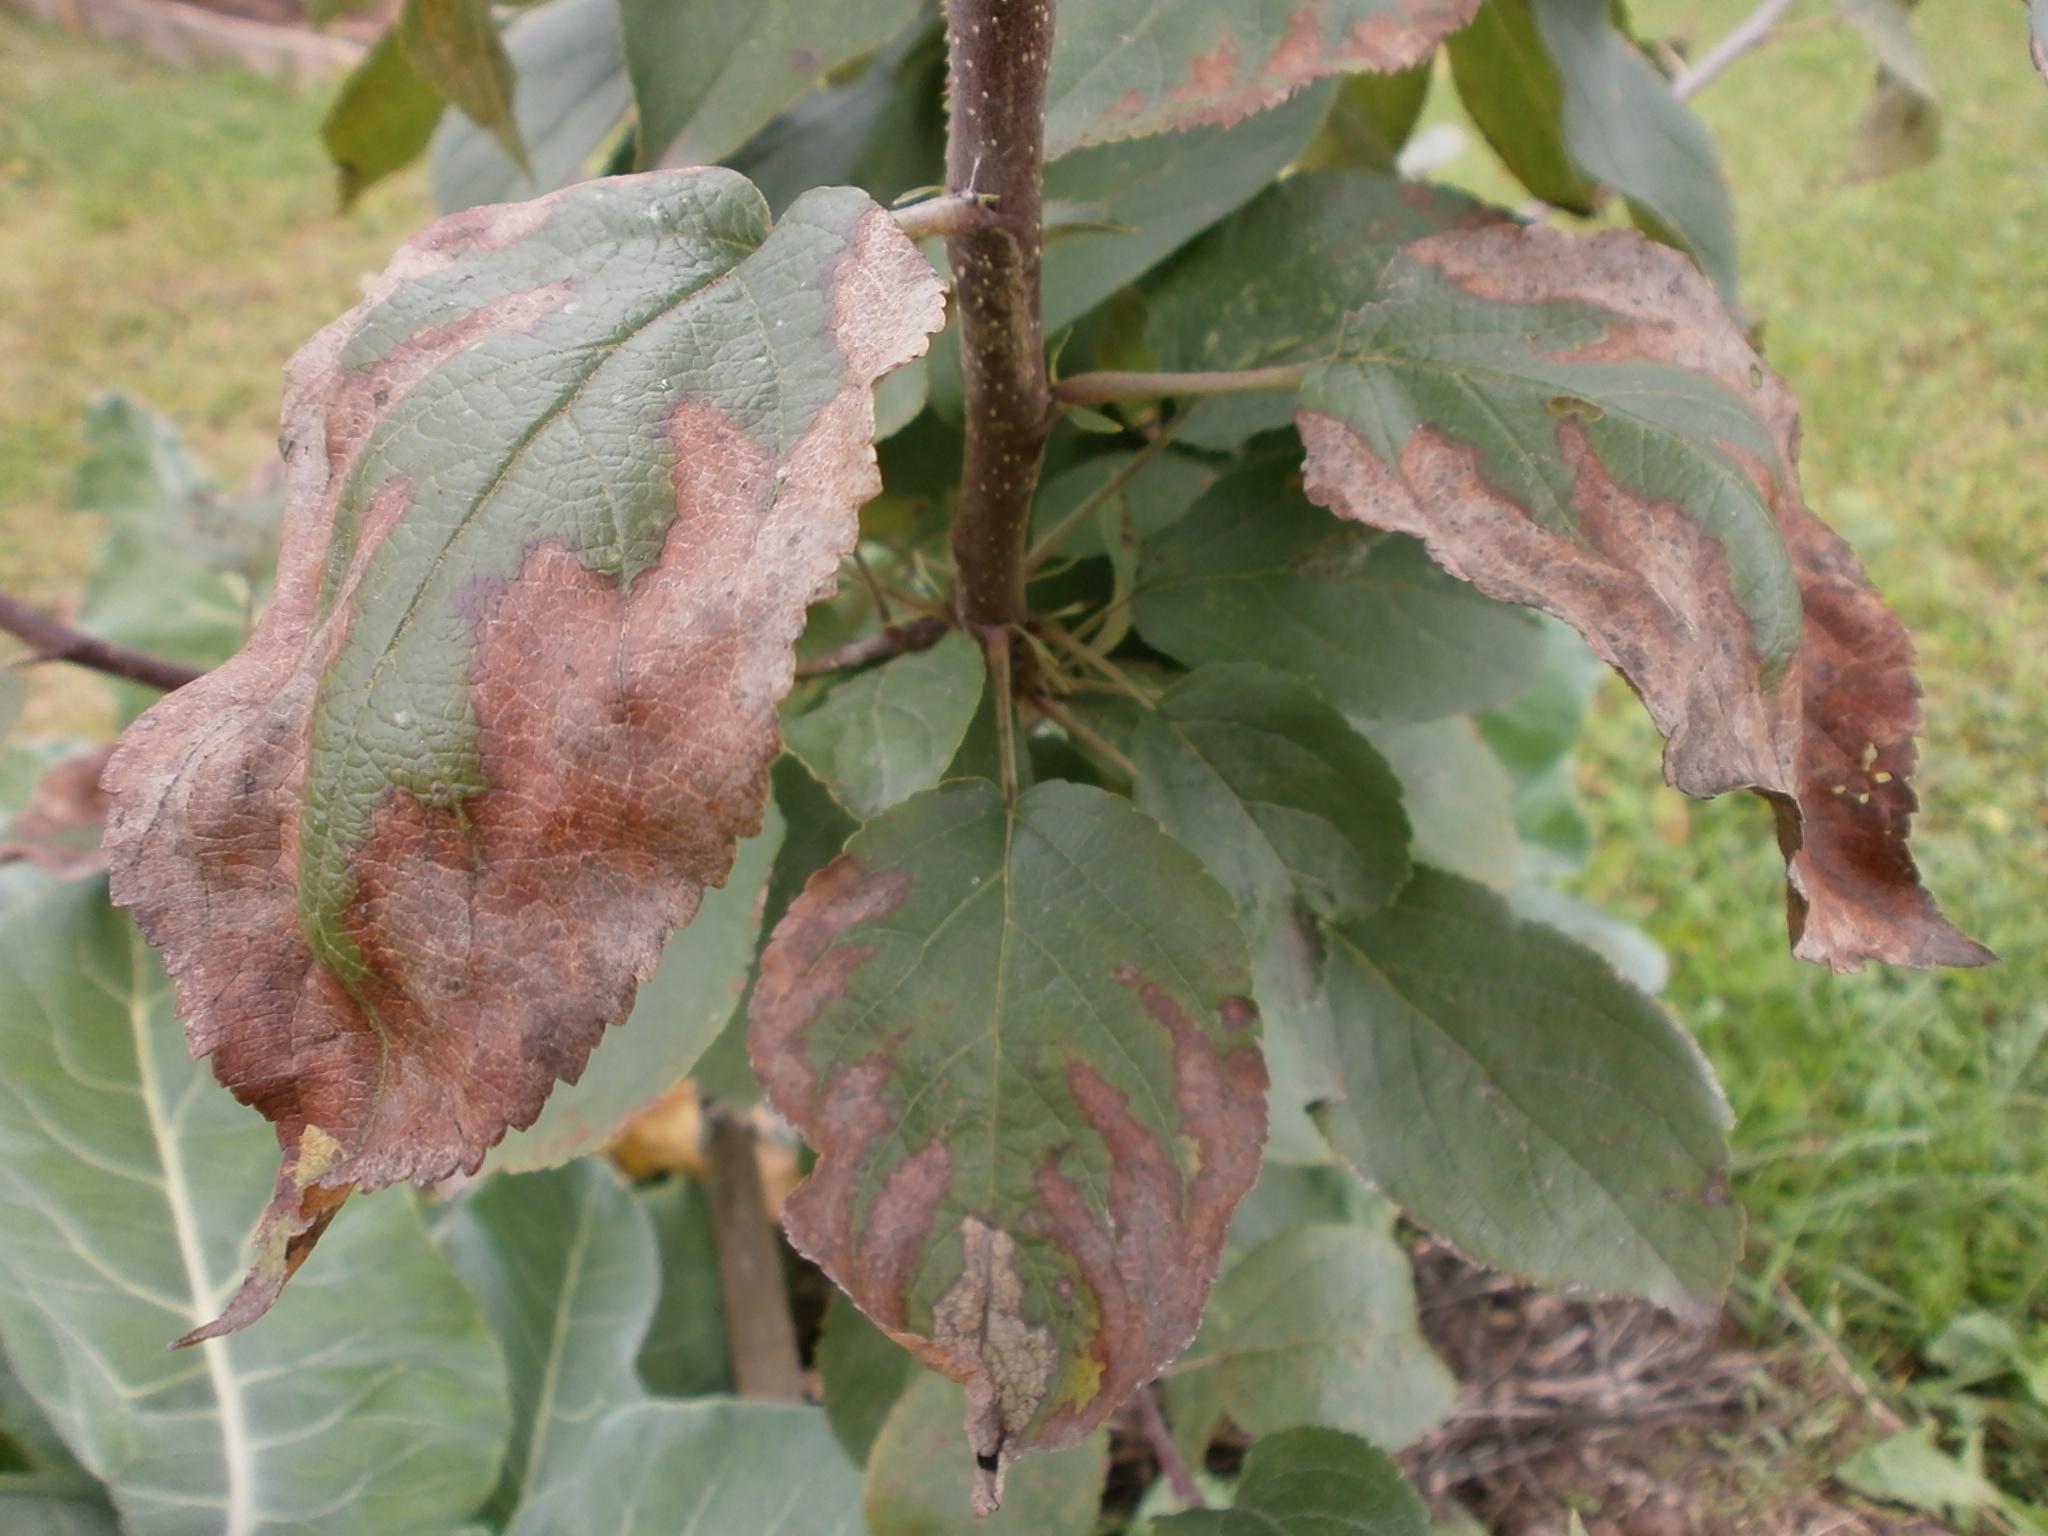 Сохнет яблоня: что делать, если засыхают ветки, как спасти дерево